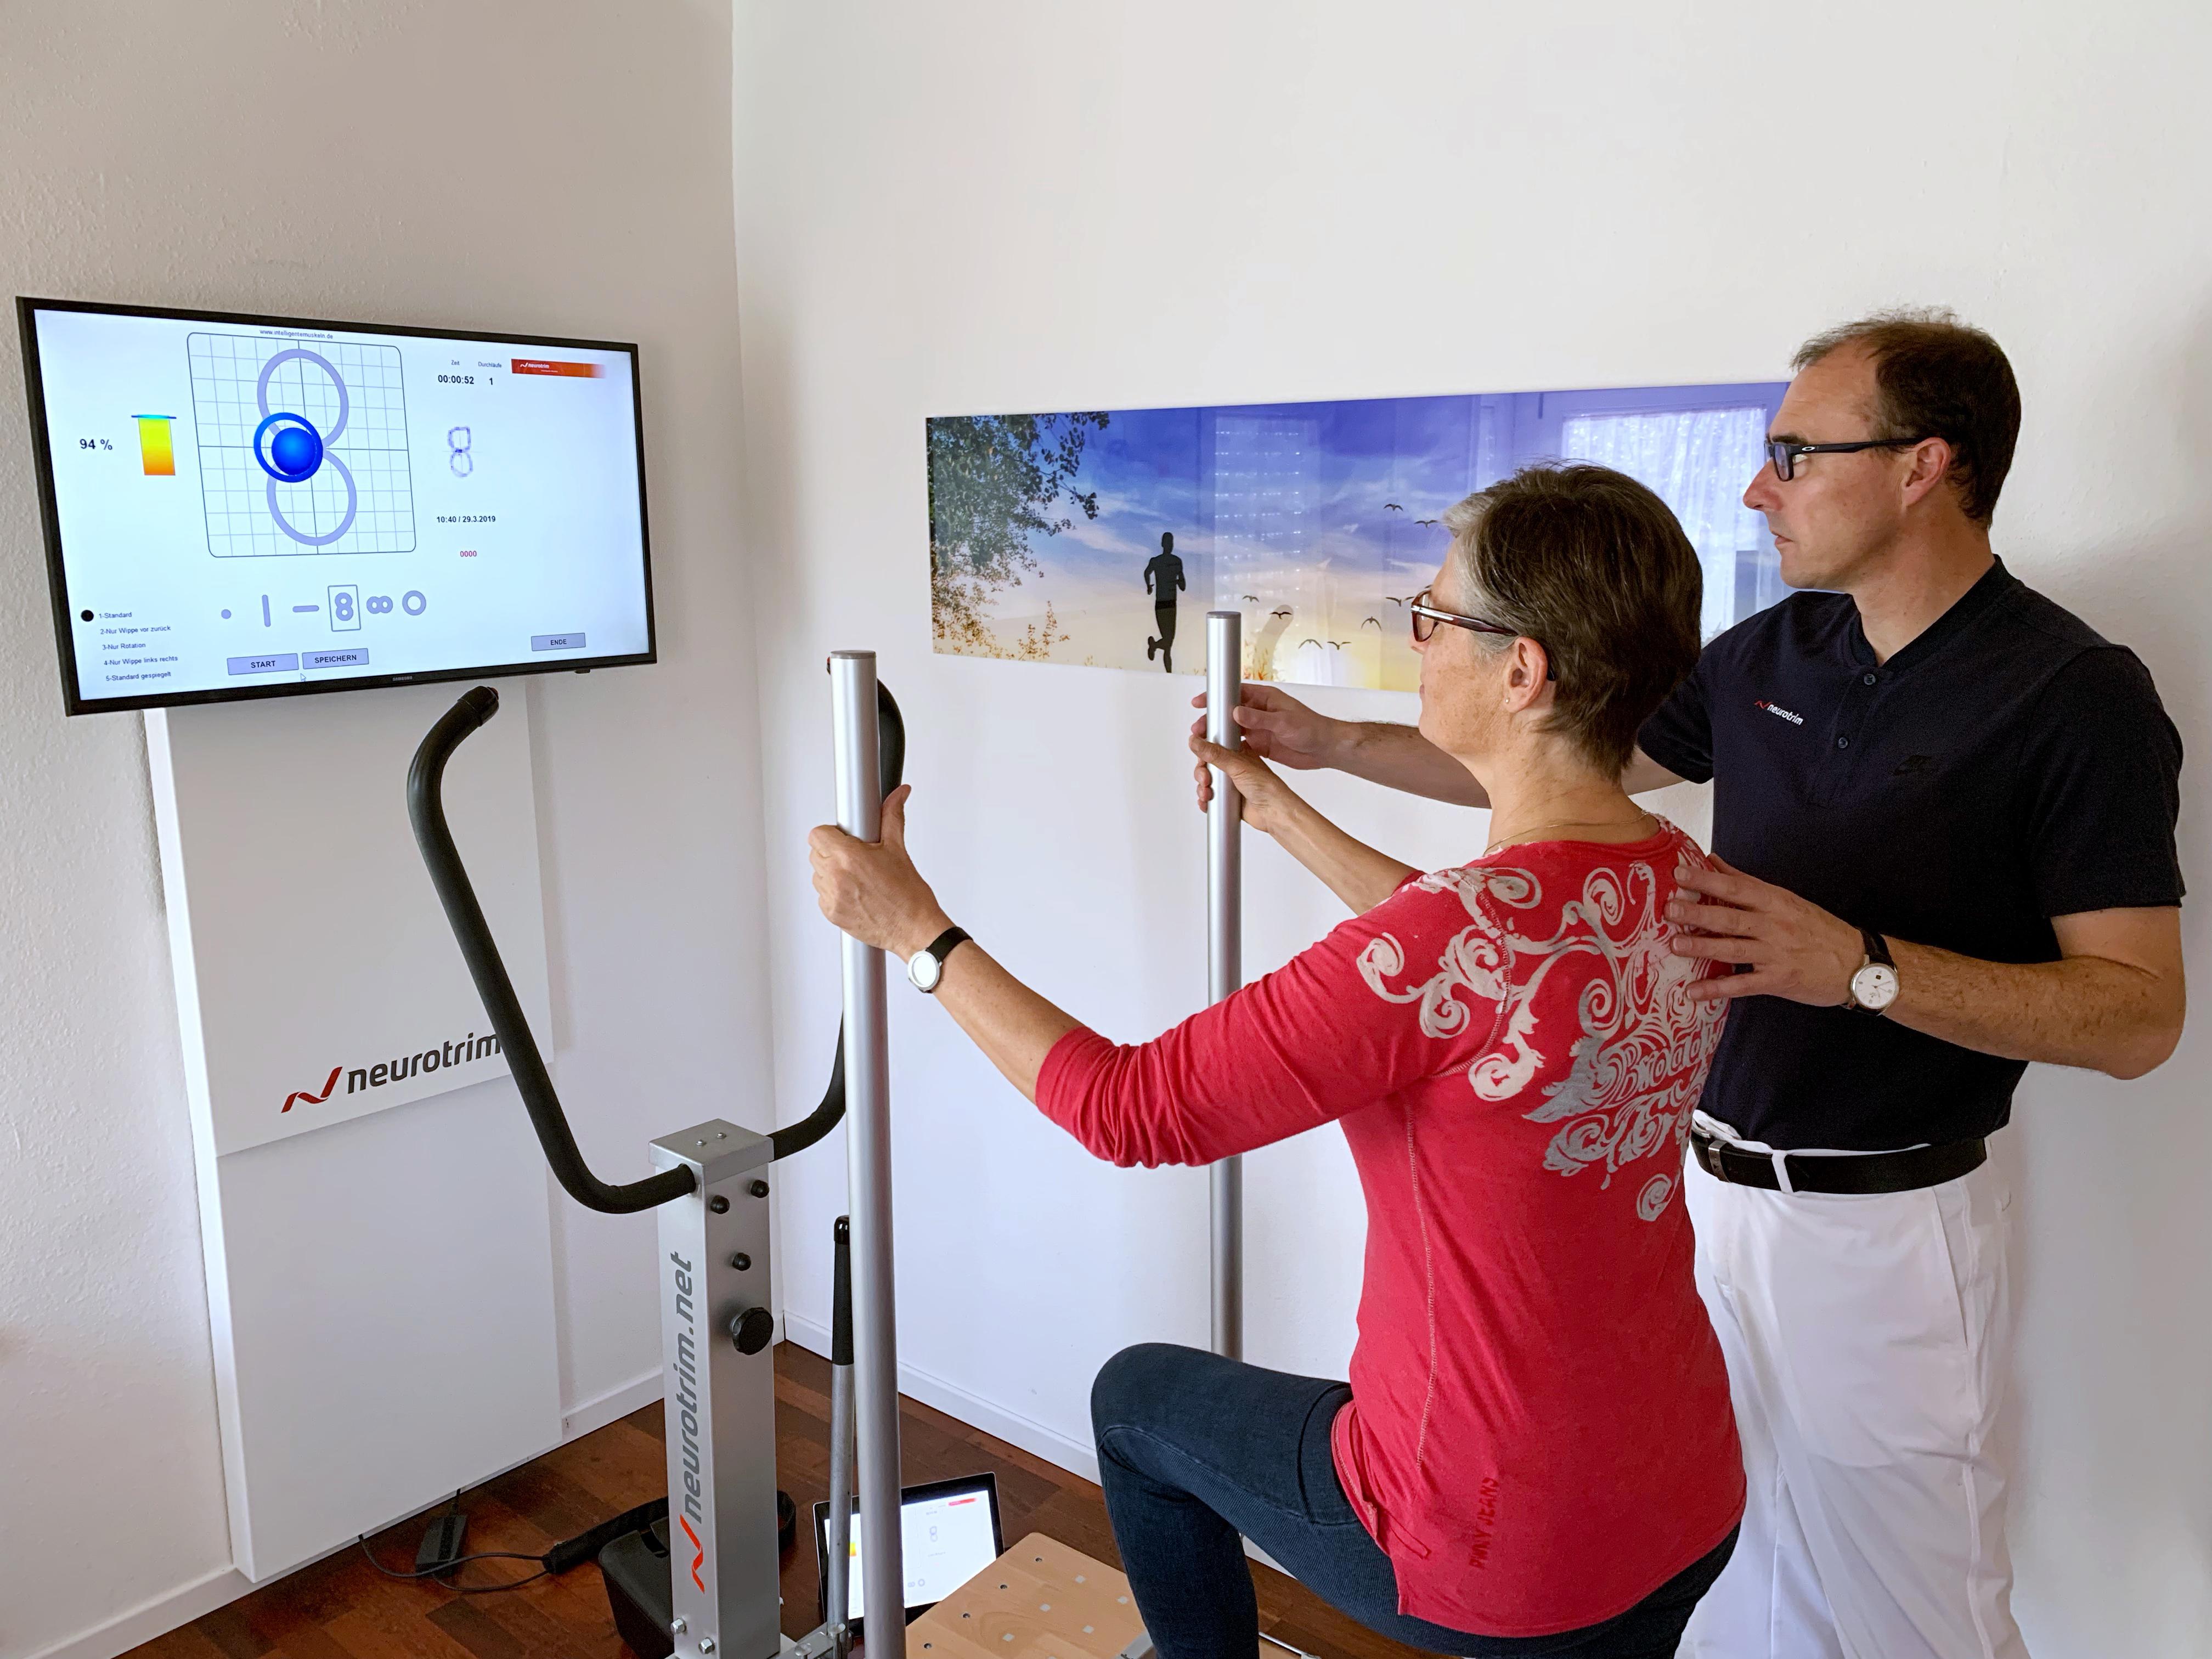 Michael Schiff bei einer neurotrim Übung mit seiner Frau Christine Schiff.